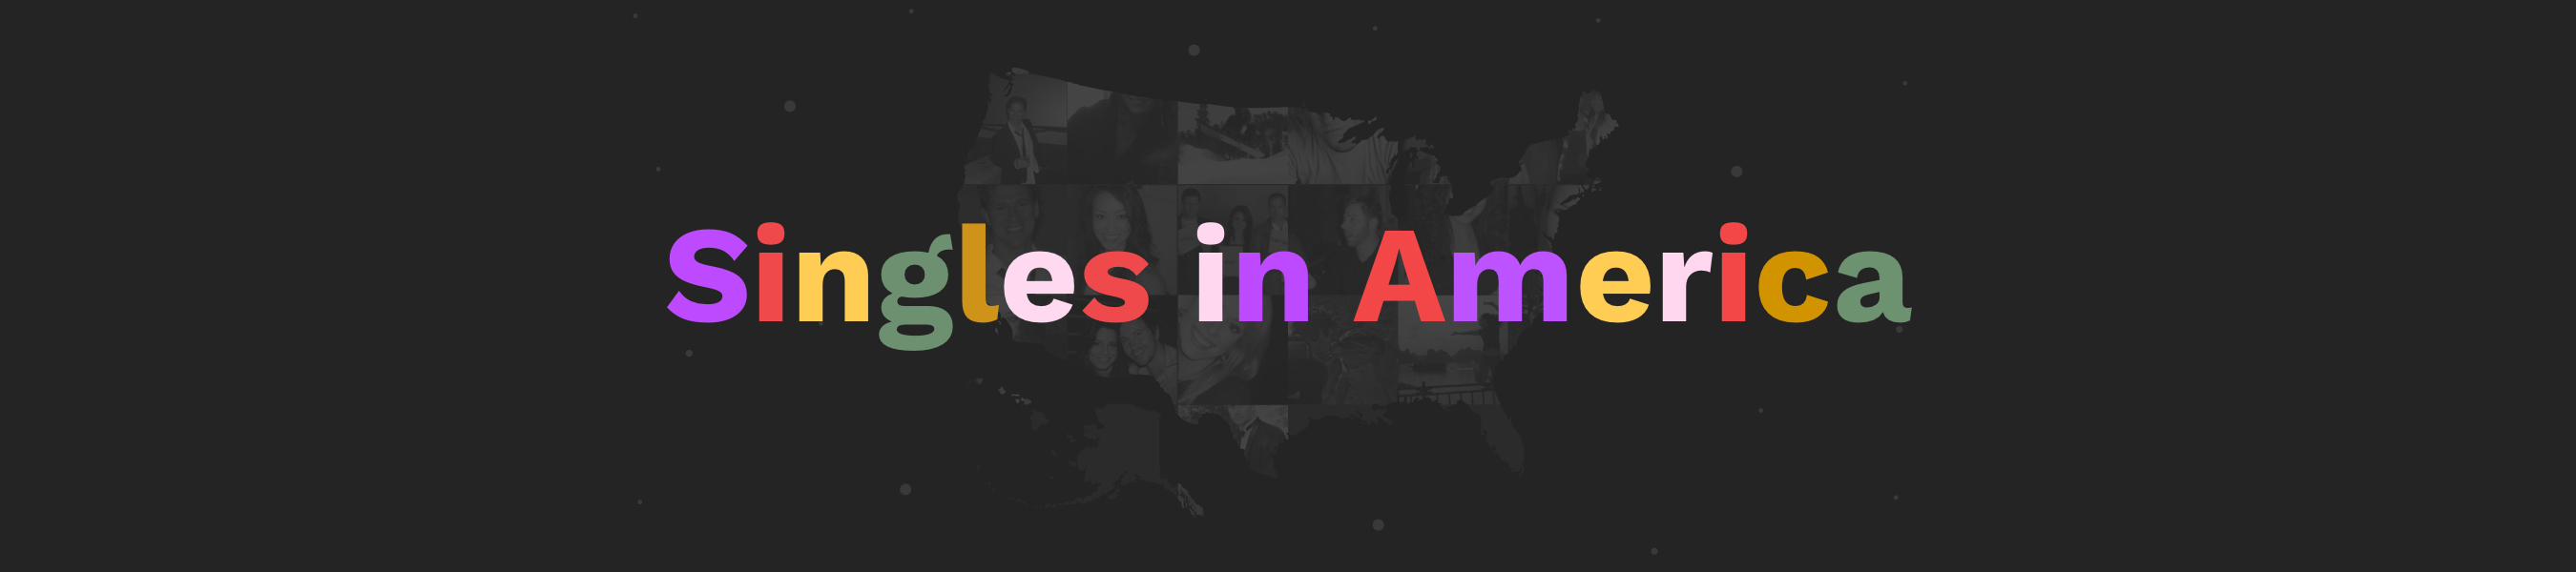 Match singles in america